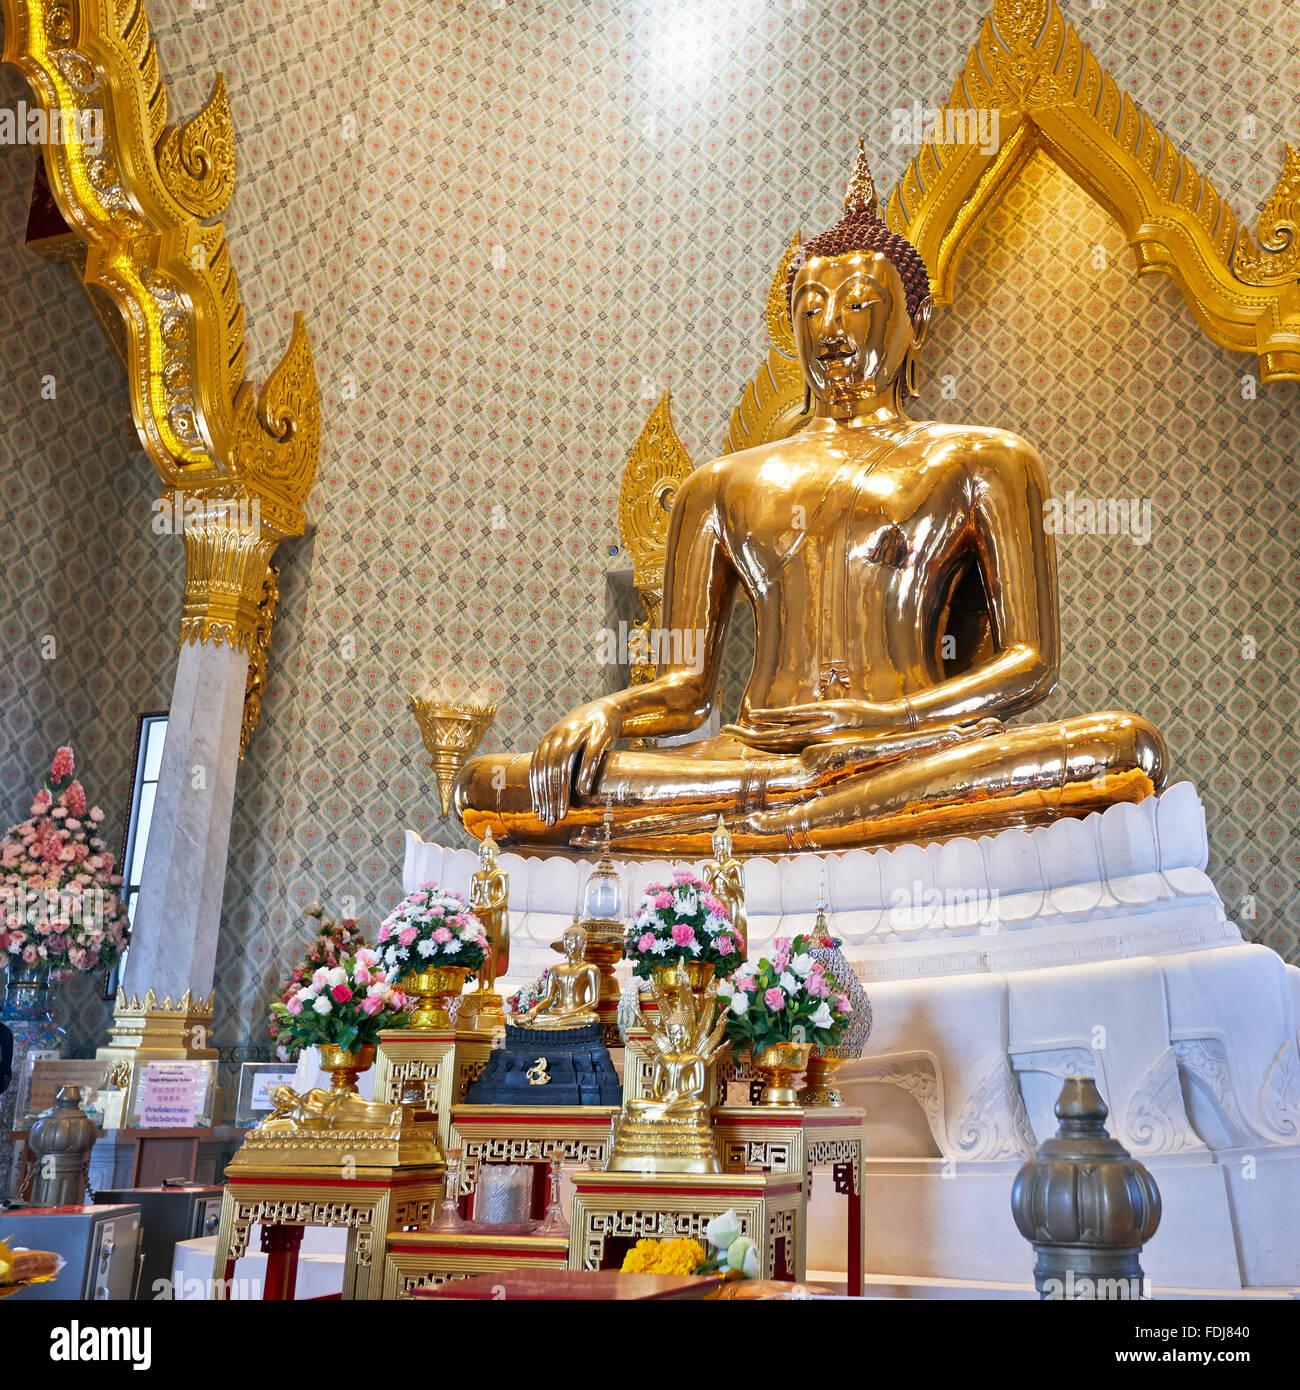 Imagen de Buda de oro sólido en el templo Wat Traimit. Bangkok, Tailandia. Imagen De Stock